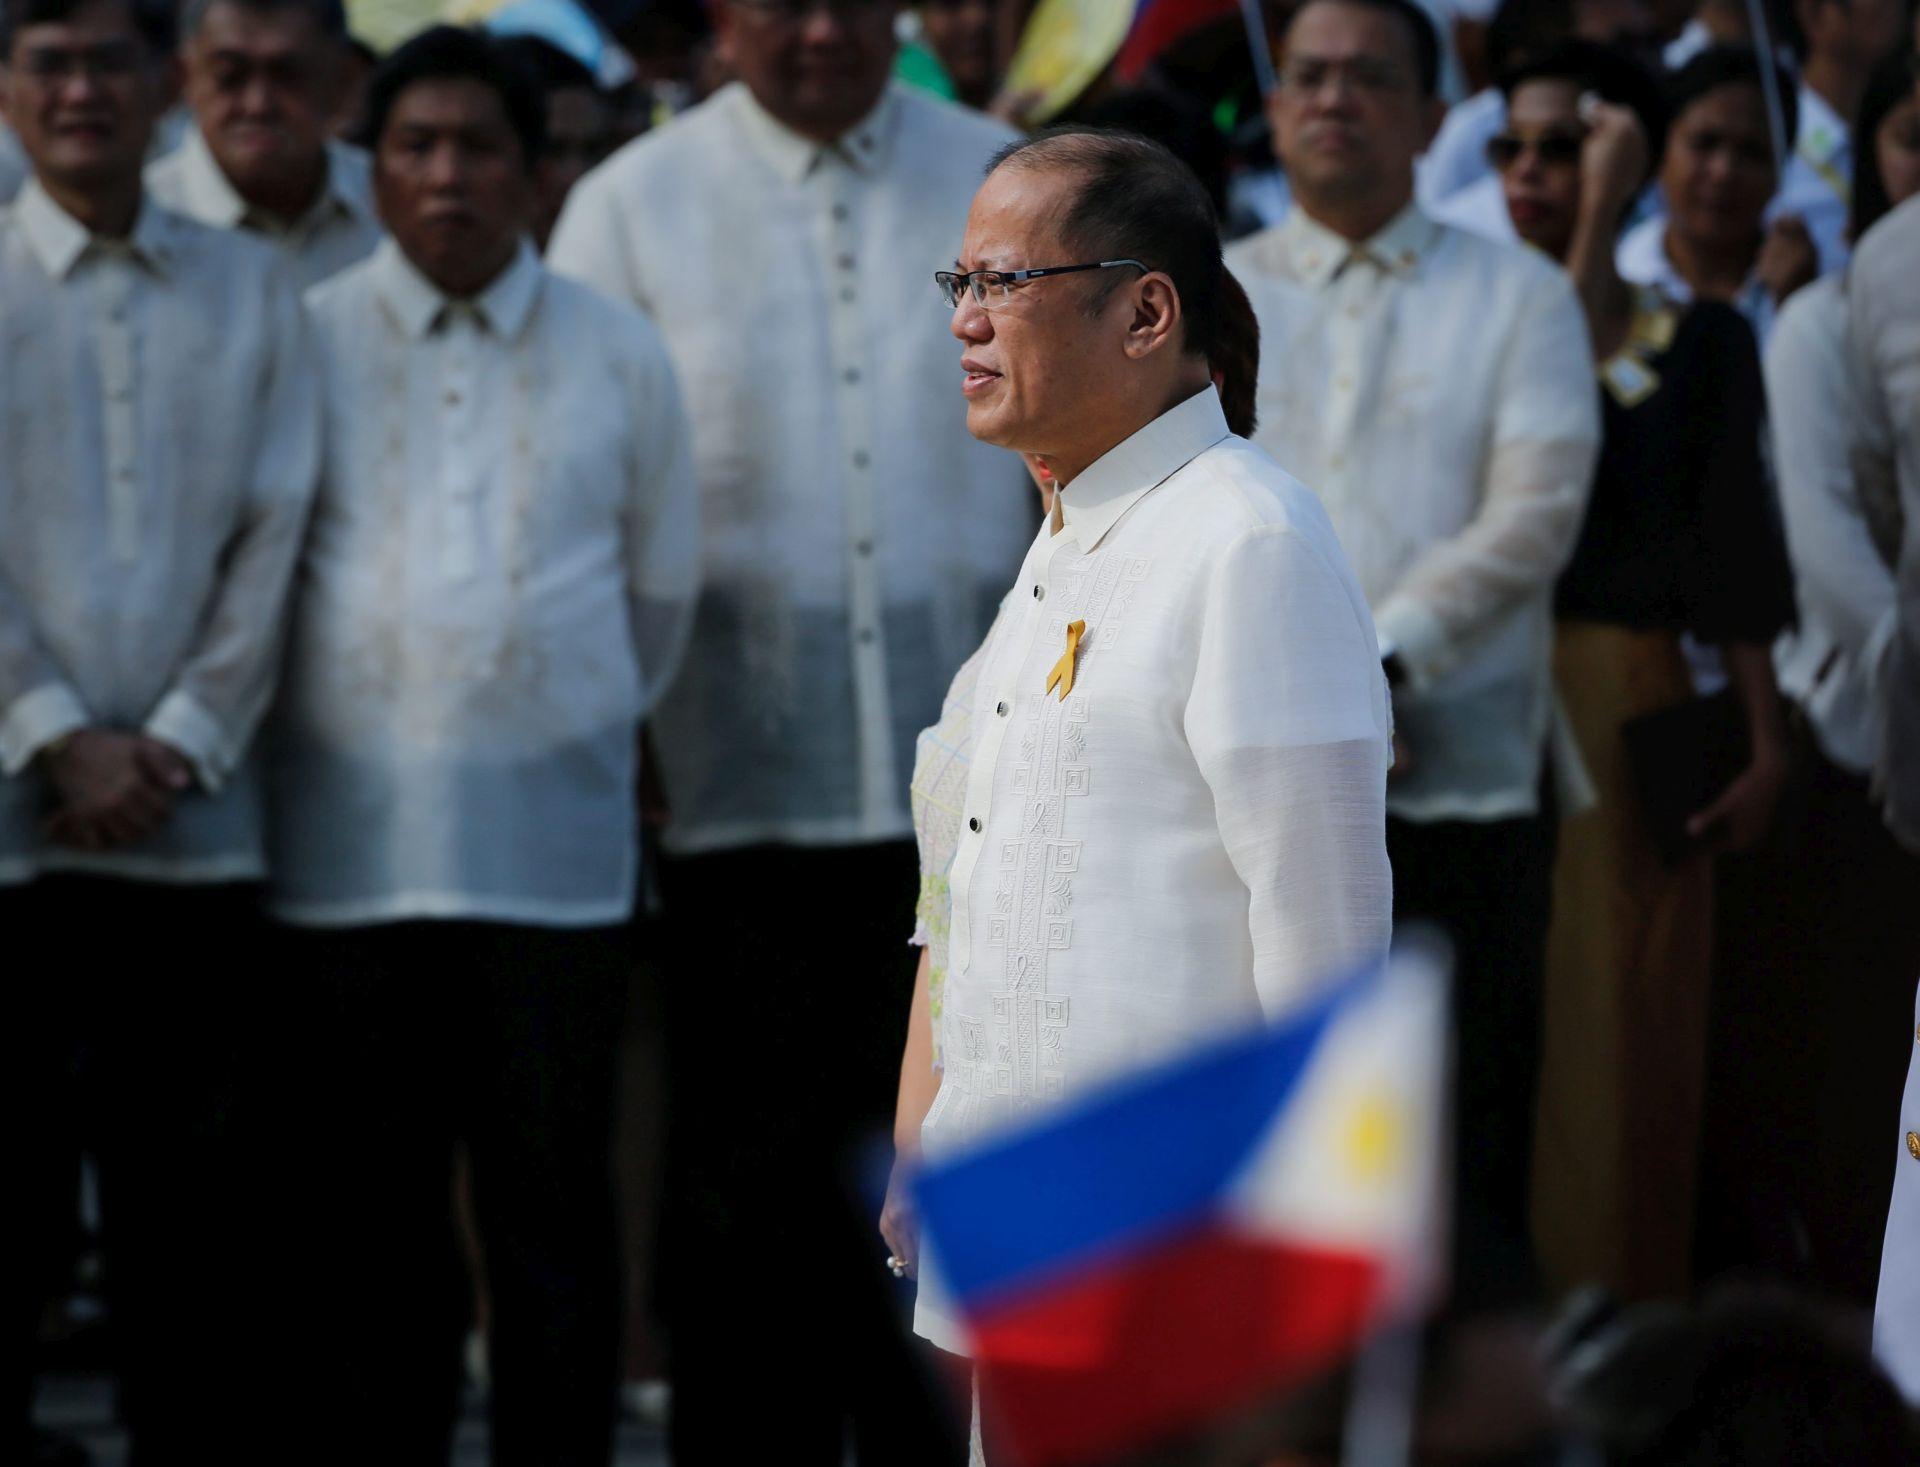 SPAŠAVANJE TAOCA: Filipinski predsjednik posjetio Jolo nakon ubojstva kanadskog taoca